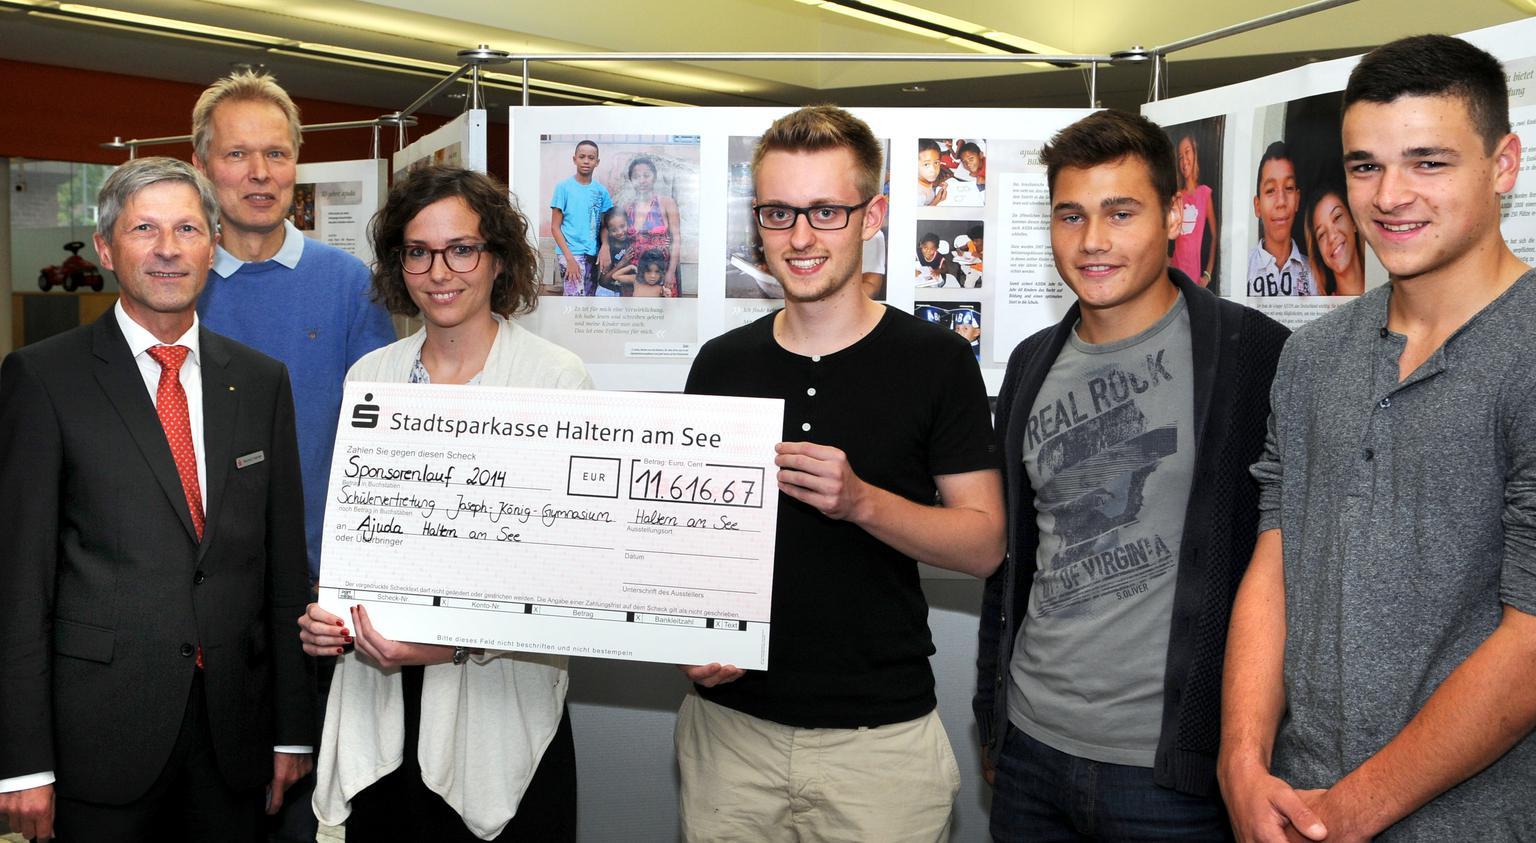 Schüler spenden 11616 Euro für Kinder in Brasilien